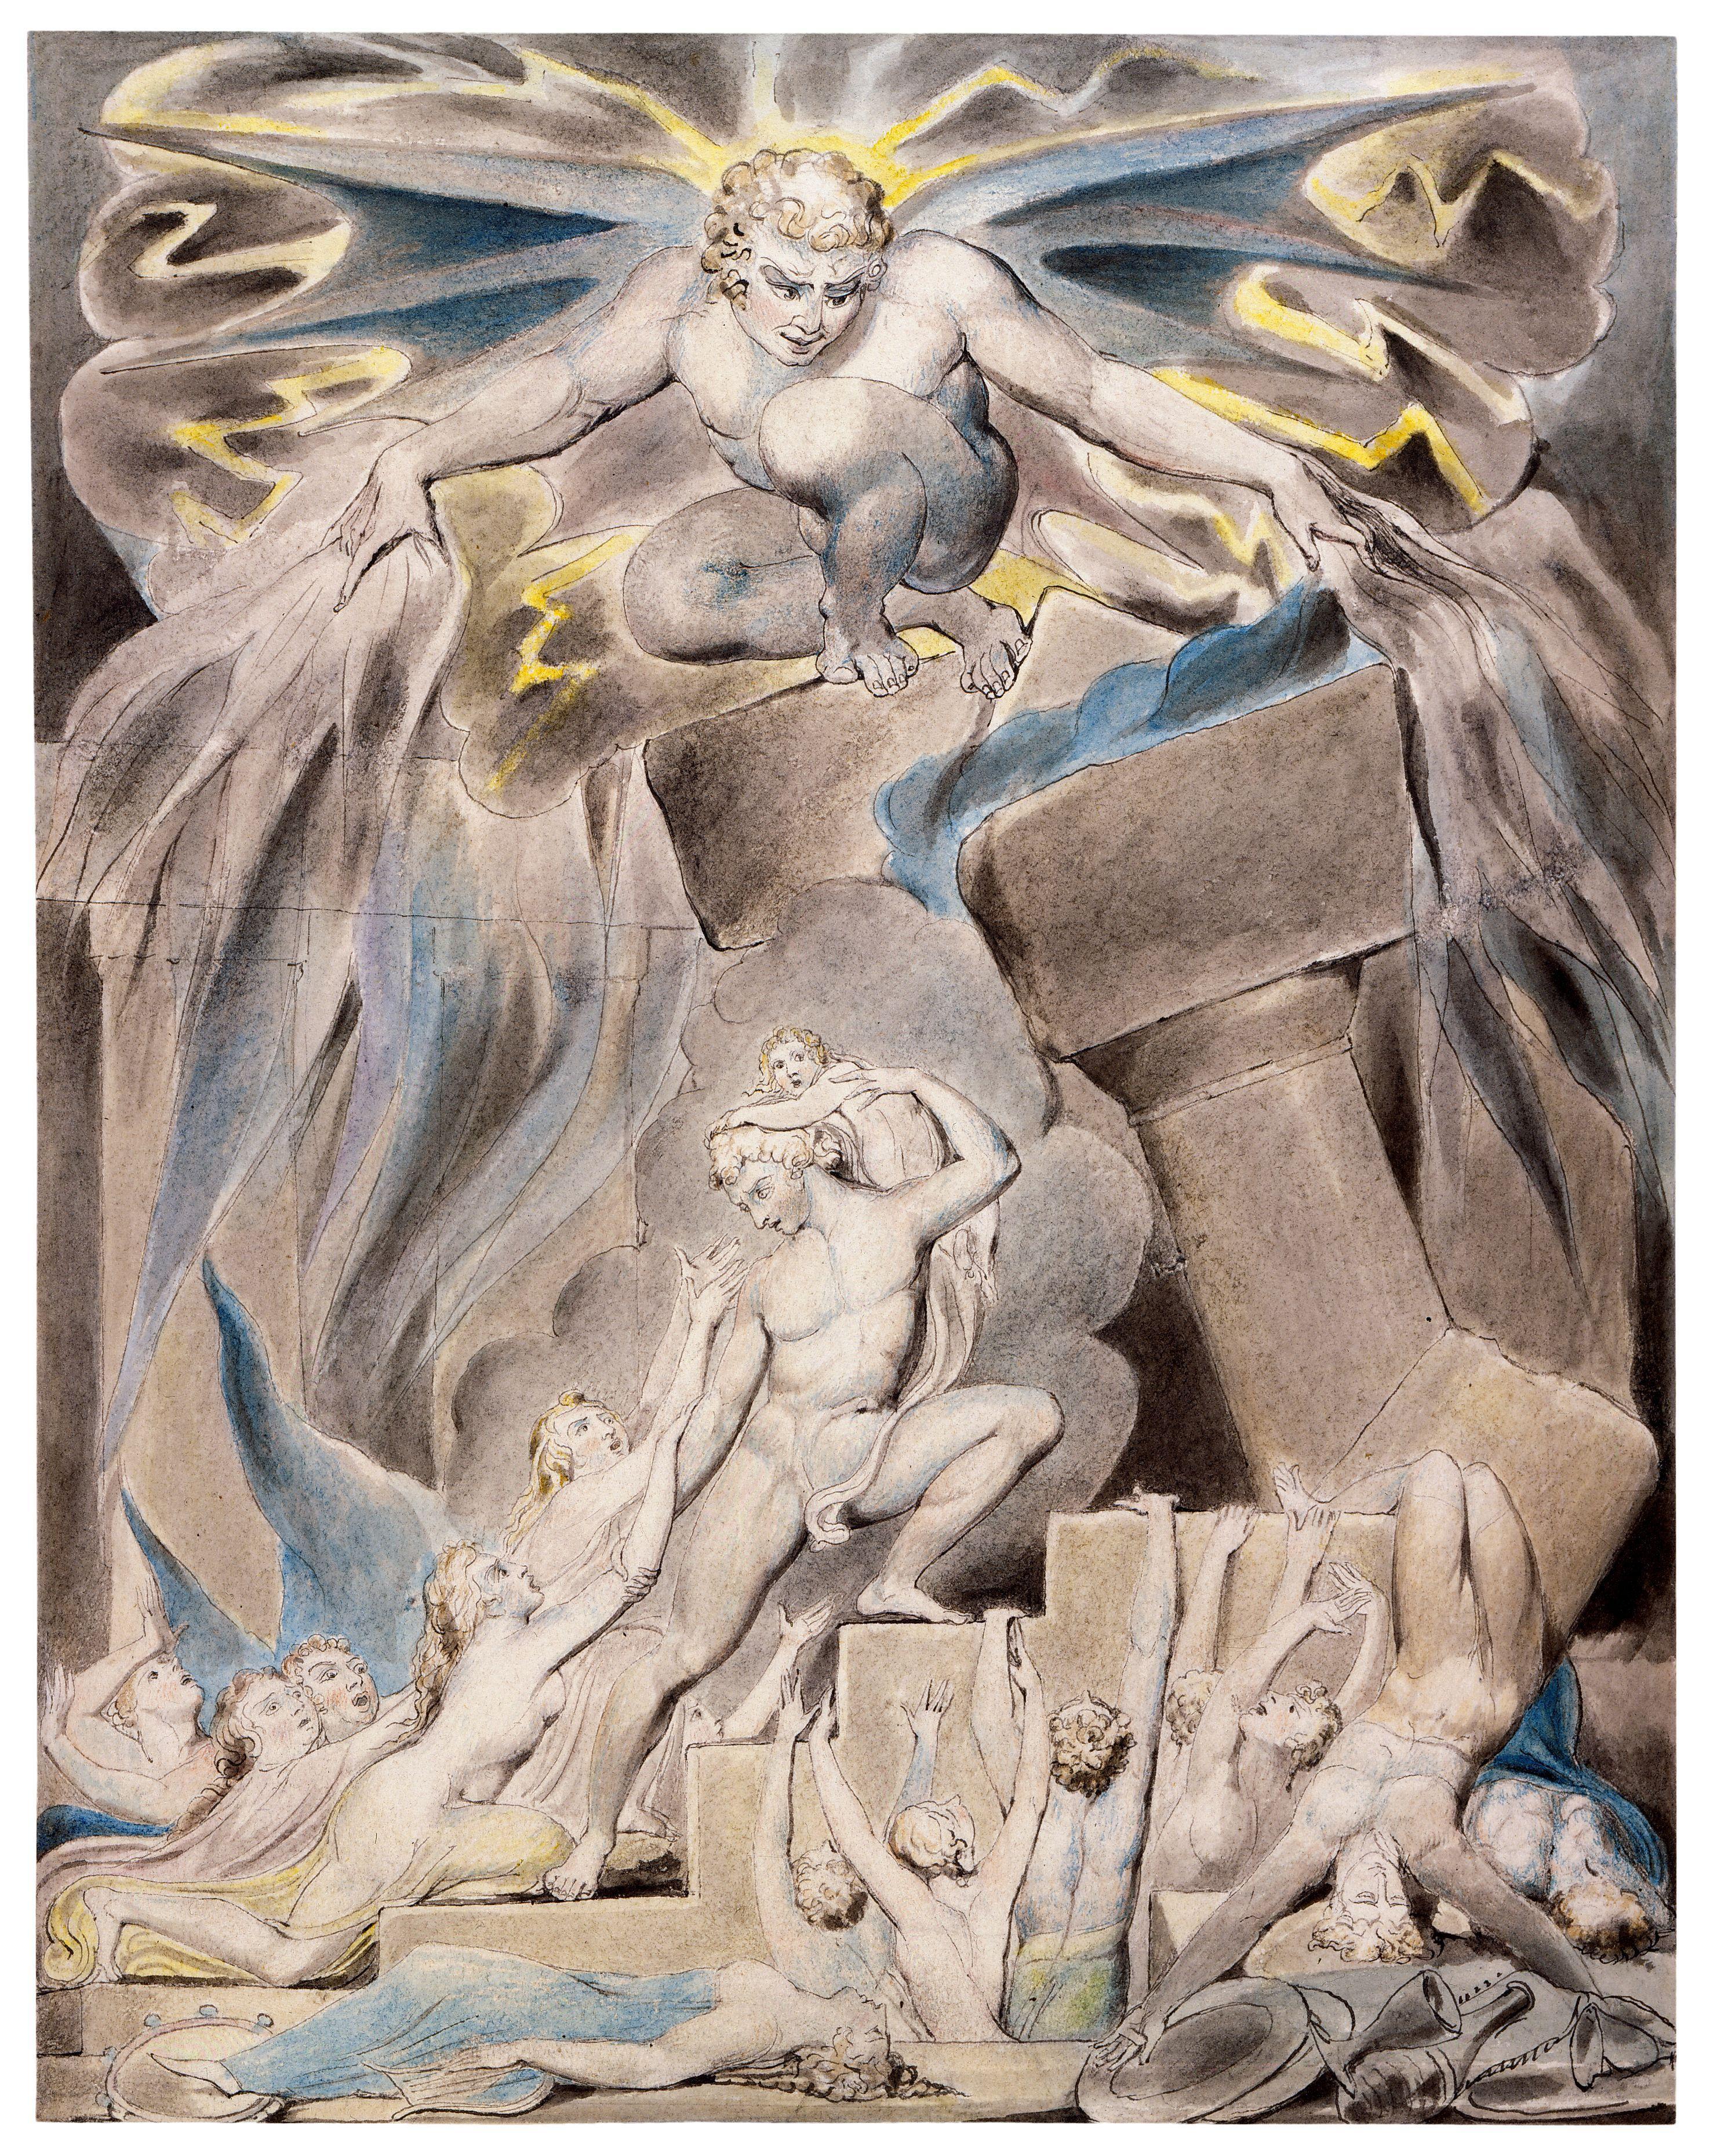 上图:英国诗人、画家威廉·布莱克(William Blake,1757-1827年)的版画《约伯的儿女被撒但击打 Job's Sons and Daughters Overwhelmed by Satan》,描绘「你的儿女正在他们长兄的家里吃饭喝酒,不料,有狂风从旷野刮来,击打房屋的四角,房屋倒塌在少年人身上,他们就都死了」(伯一18-19)。